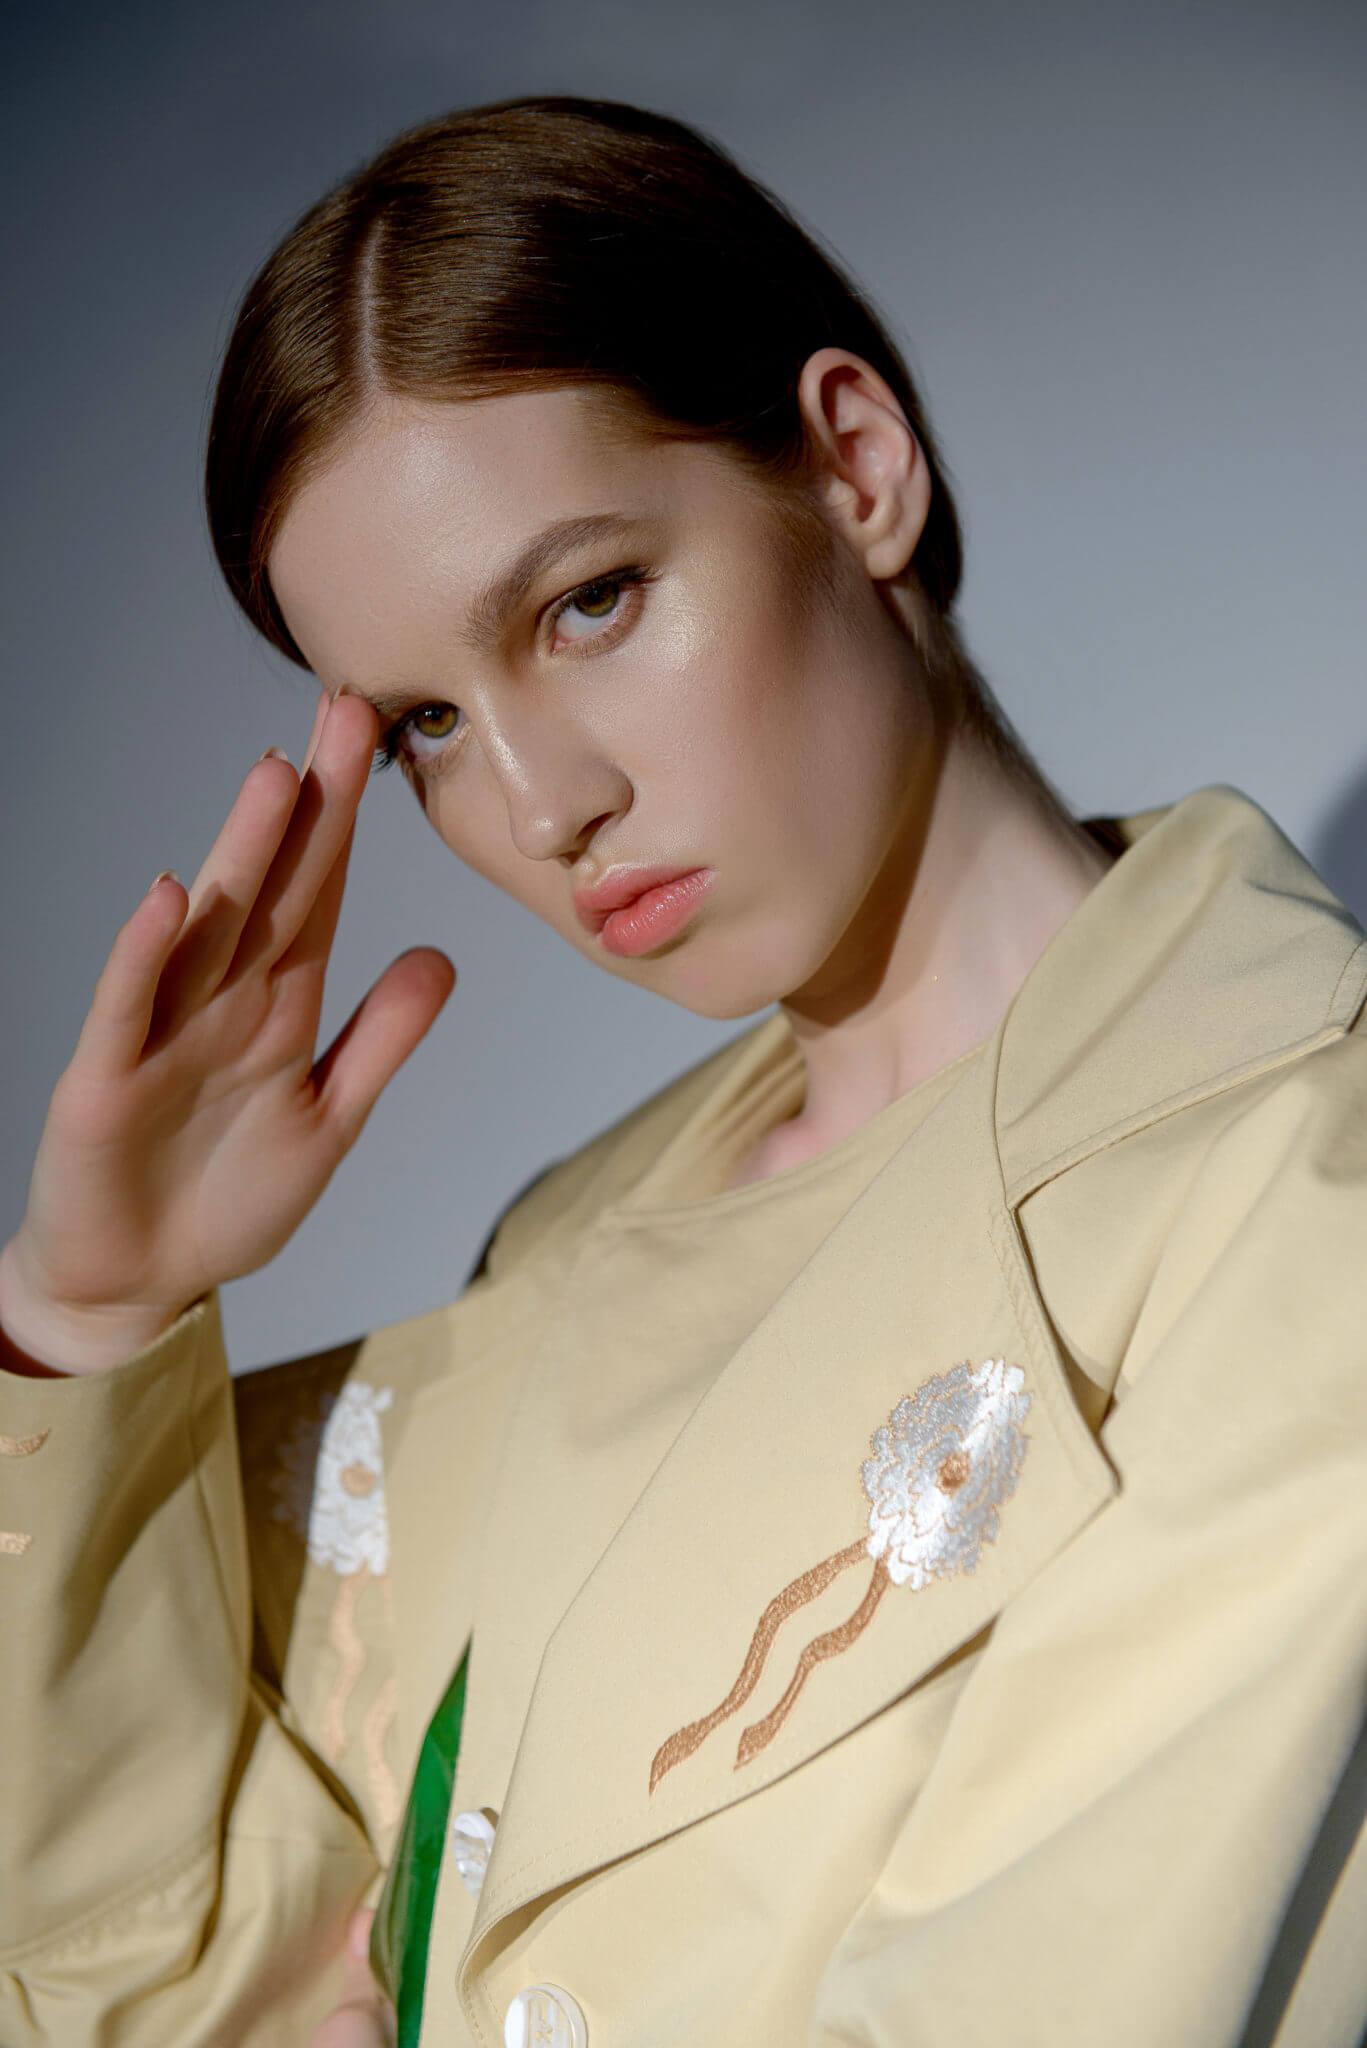 Модельное портфолио, фото Постникова, мд Нана Речко, стиль Шевченко